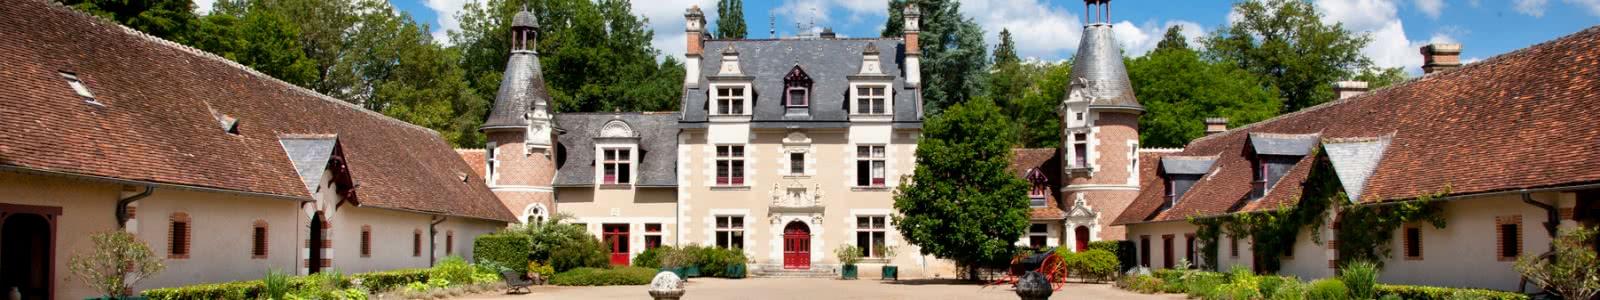 Château de Troussay - Vacances en Loir-et-Cher Vallée de Loire